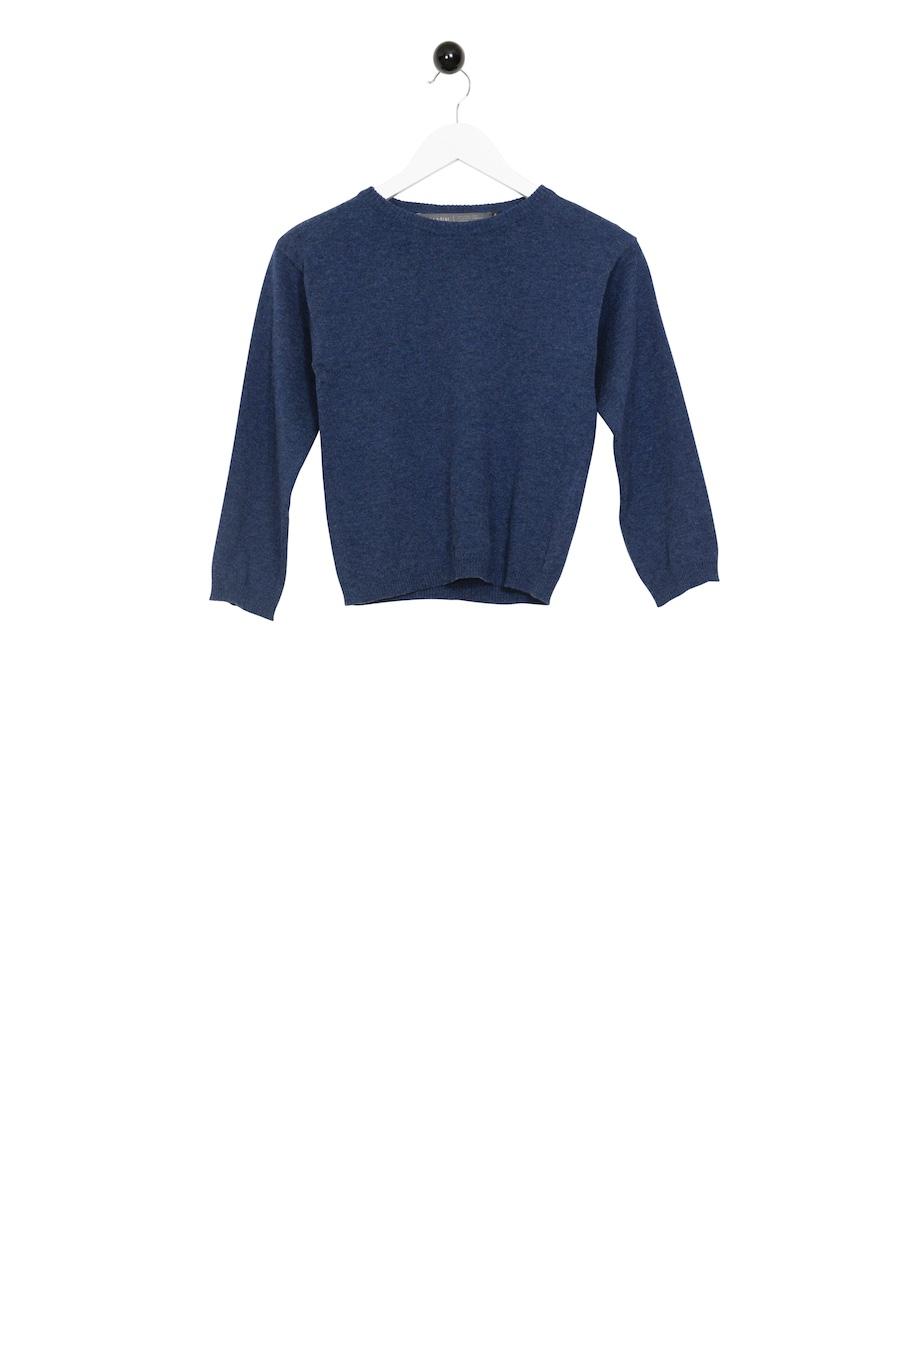 Morab Sweater